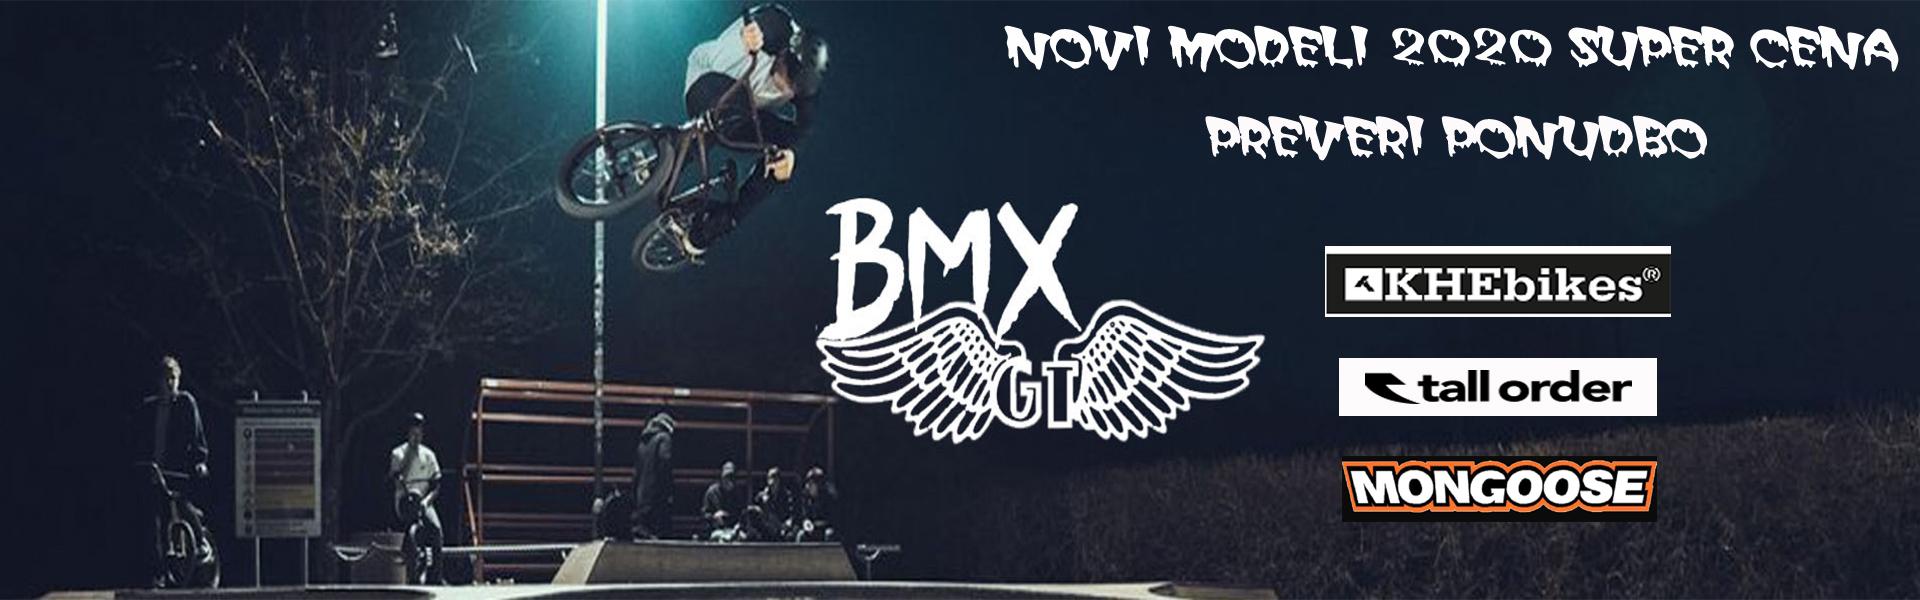 BMX BANNER